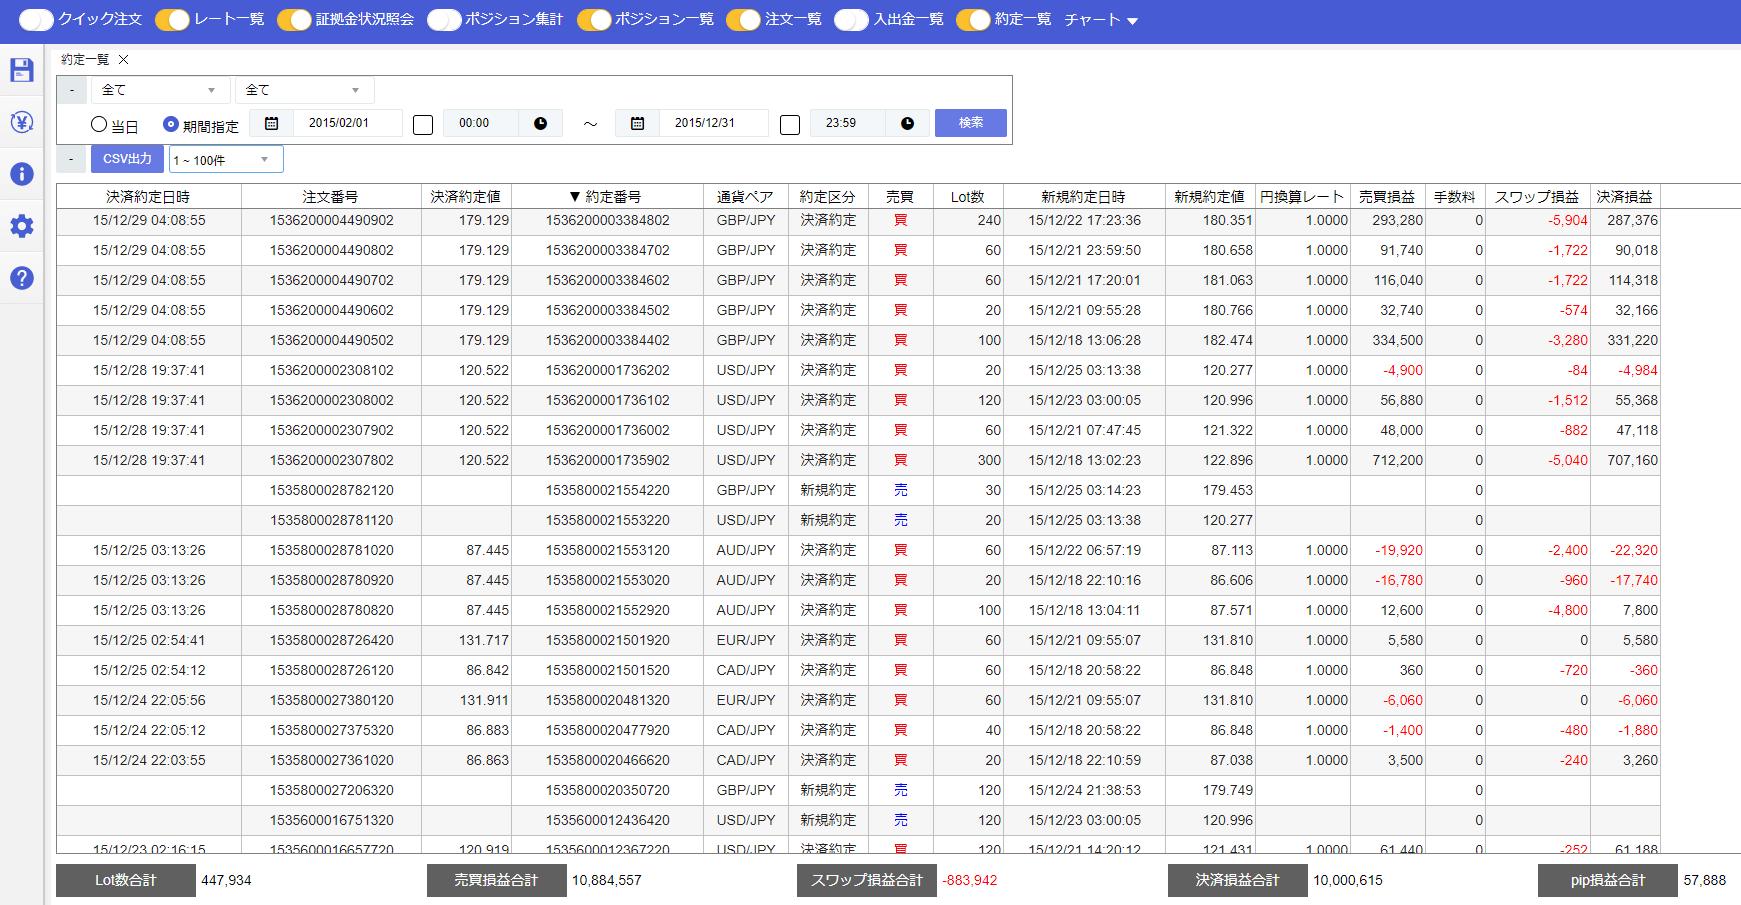 ヒロセ通商で1000万円以上の利益を出した取引履歴